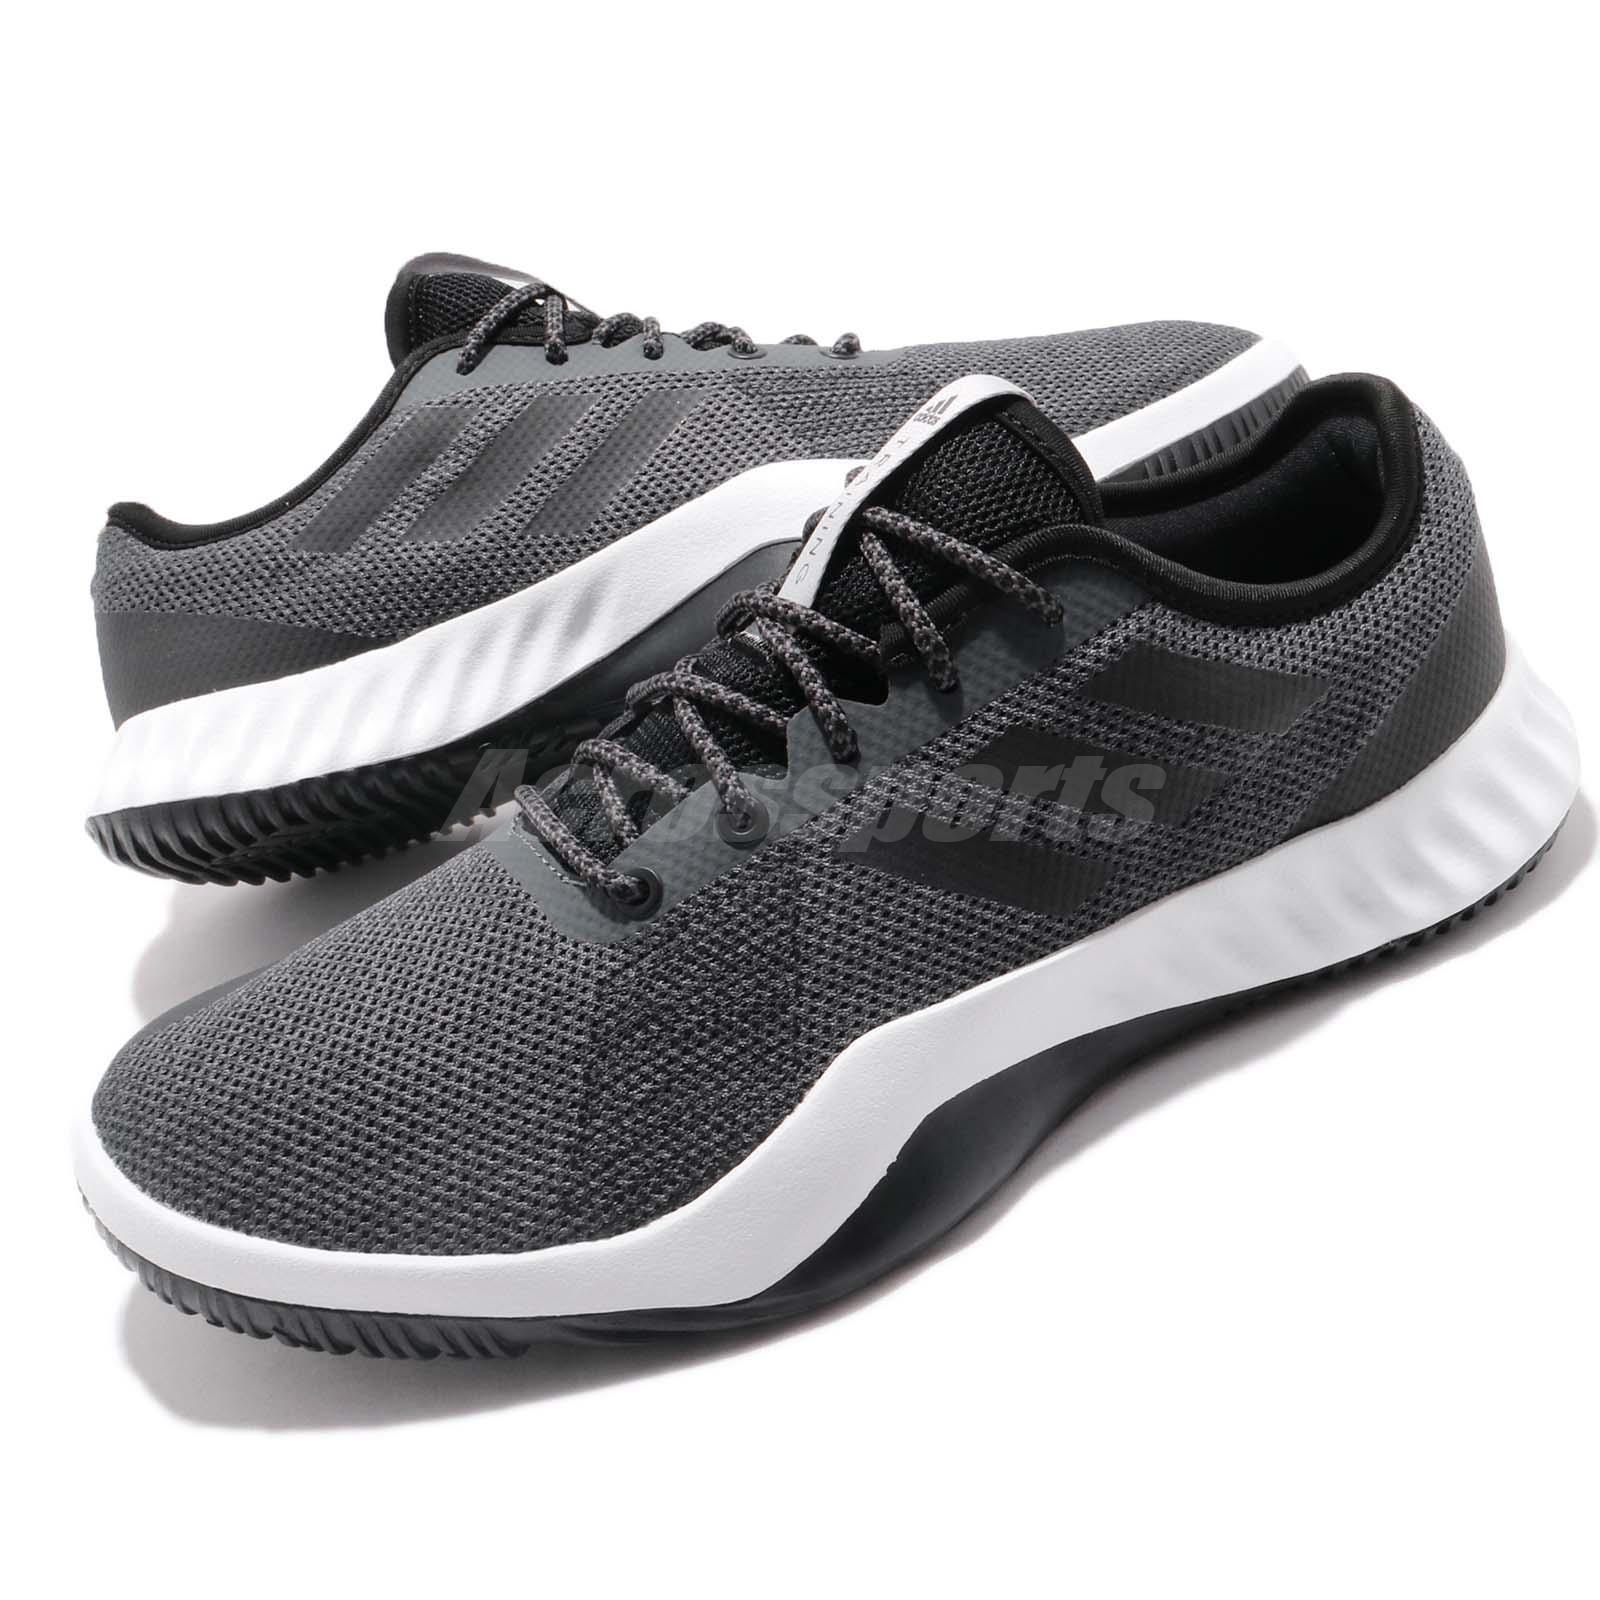 finest selection 882c2 761c5 Details about adidas CrazyTrain LT M Grey Black Men Cross Training Shoes  Sneakers DA8689